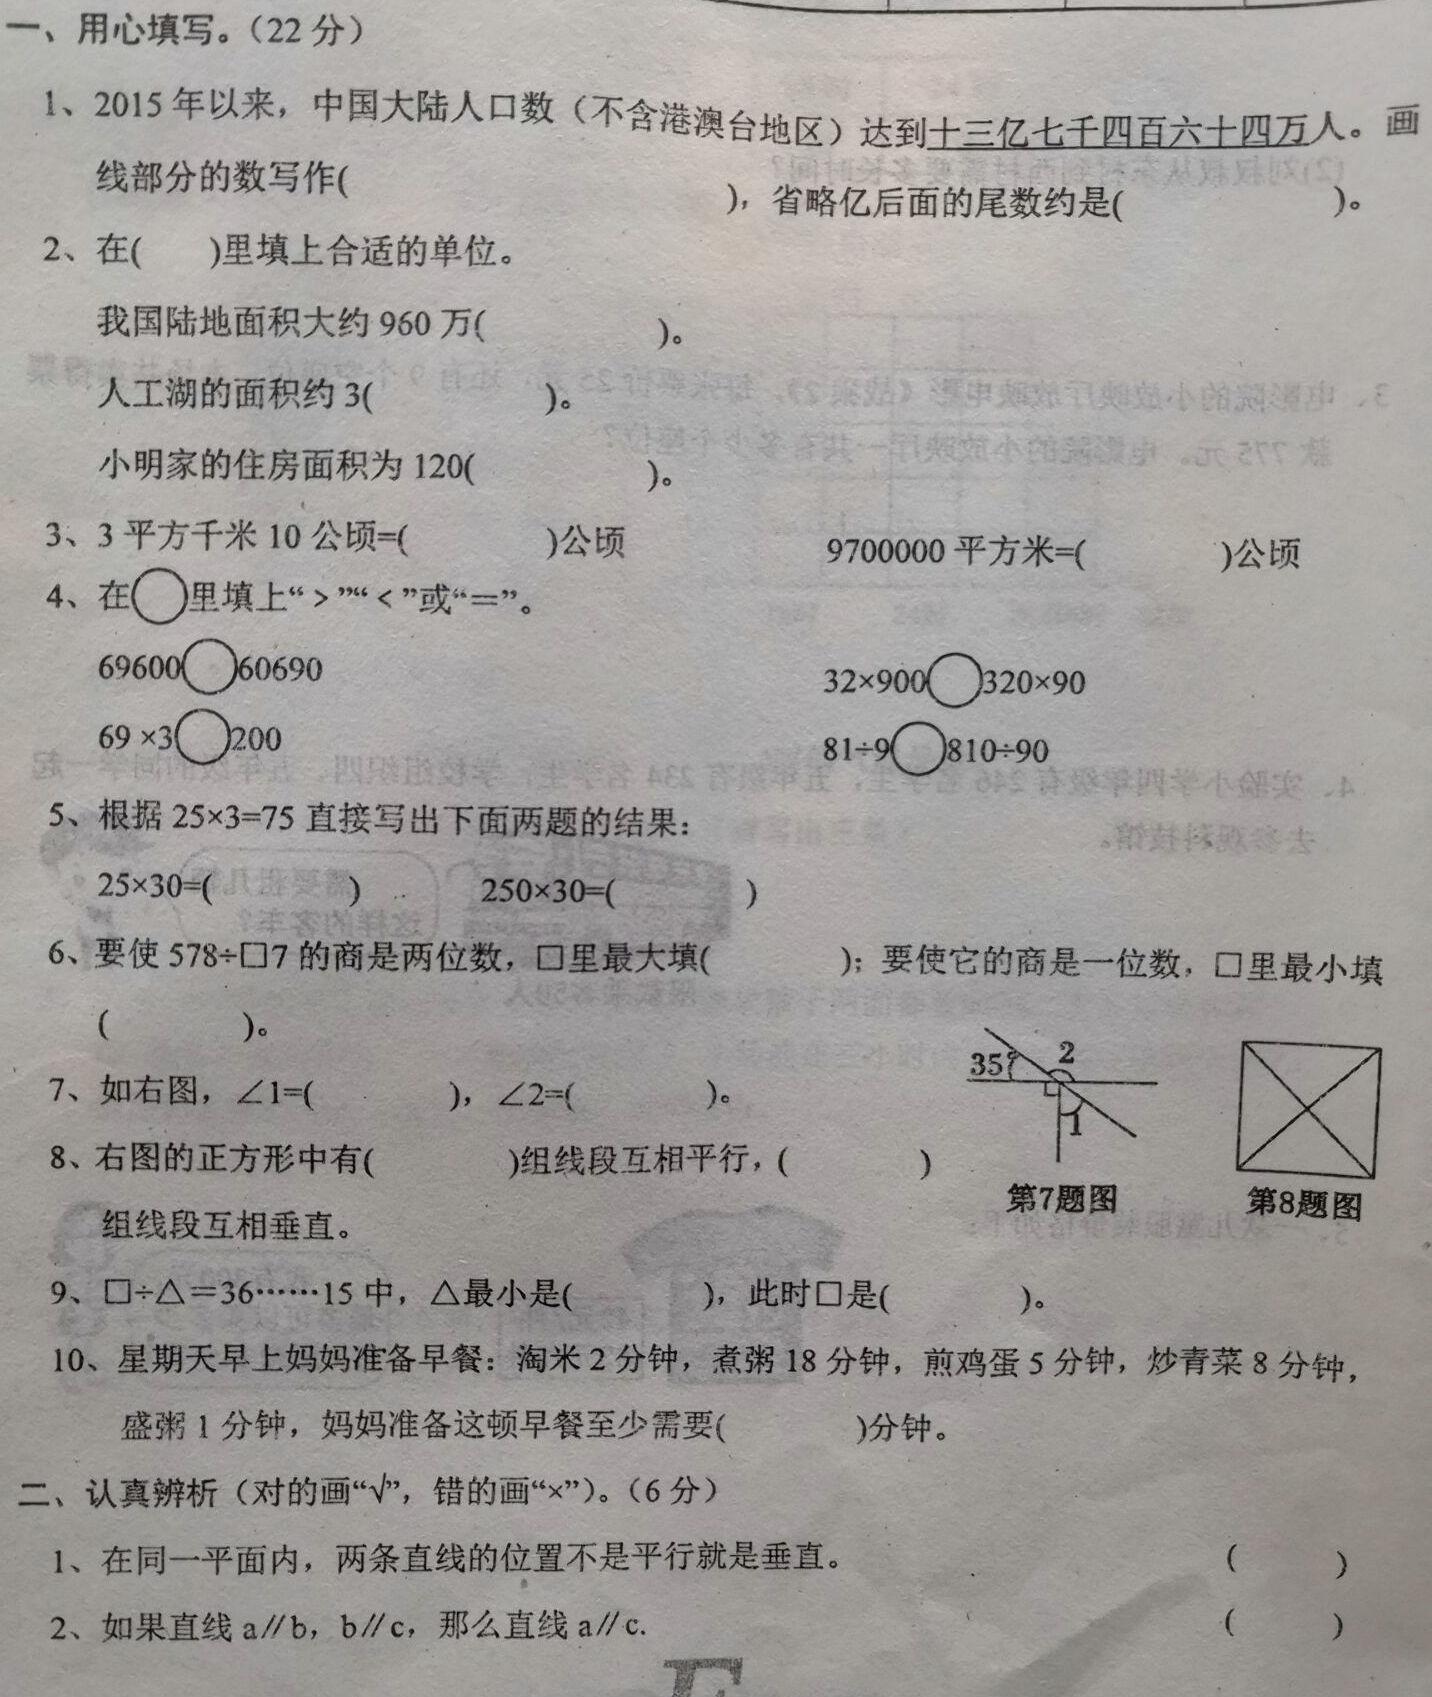 四年级数学期末考试题这么难?难哭了学生,看看你家孩子会做吗?